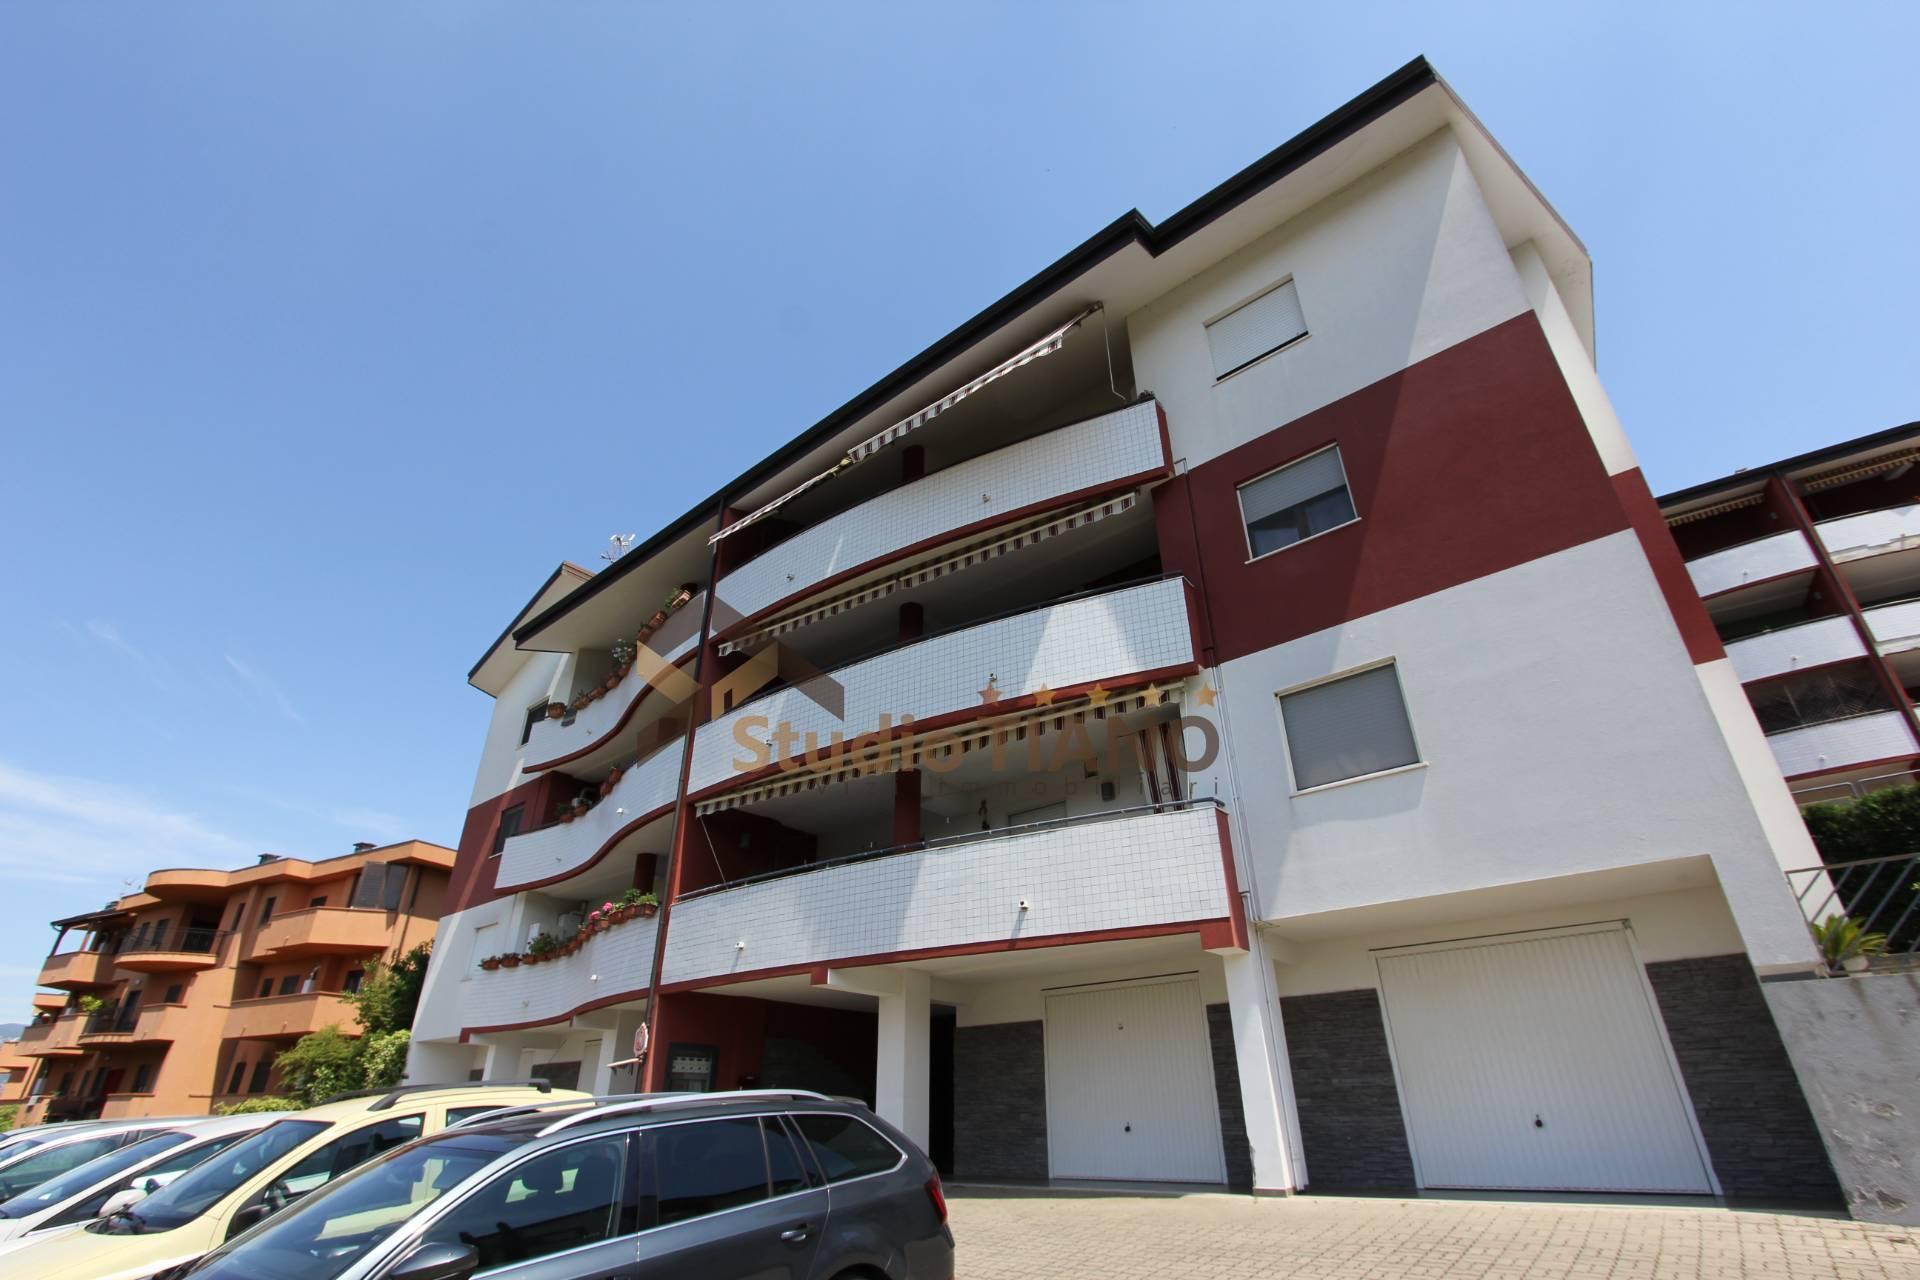 Appartamento in vendita a Rende, 4 locali, zona Località: Saporito, prezzo € 215.000   PortaleAgenzieImmobiliari.it